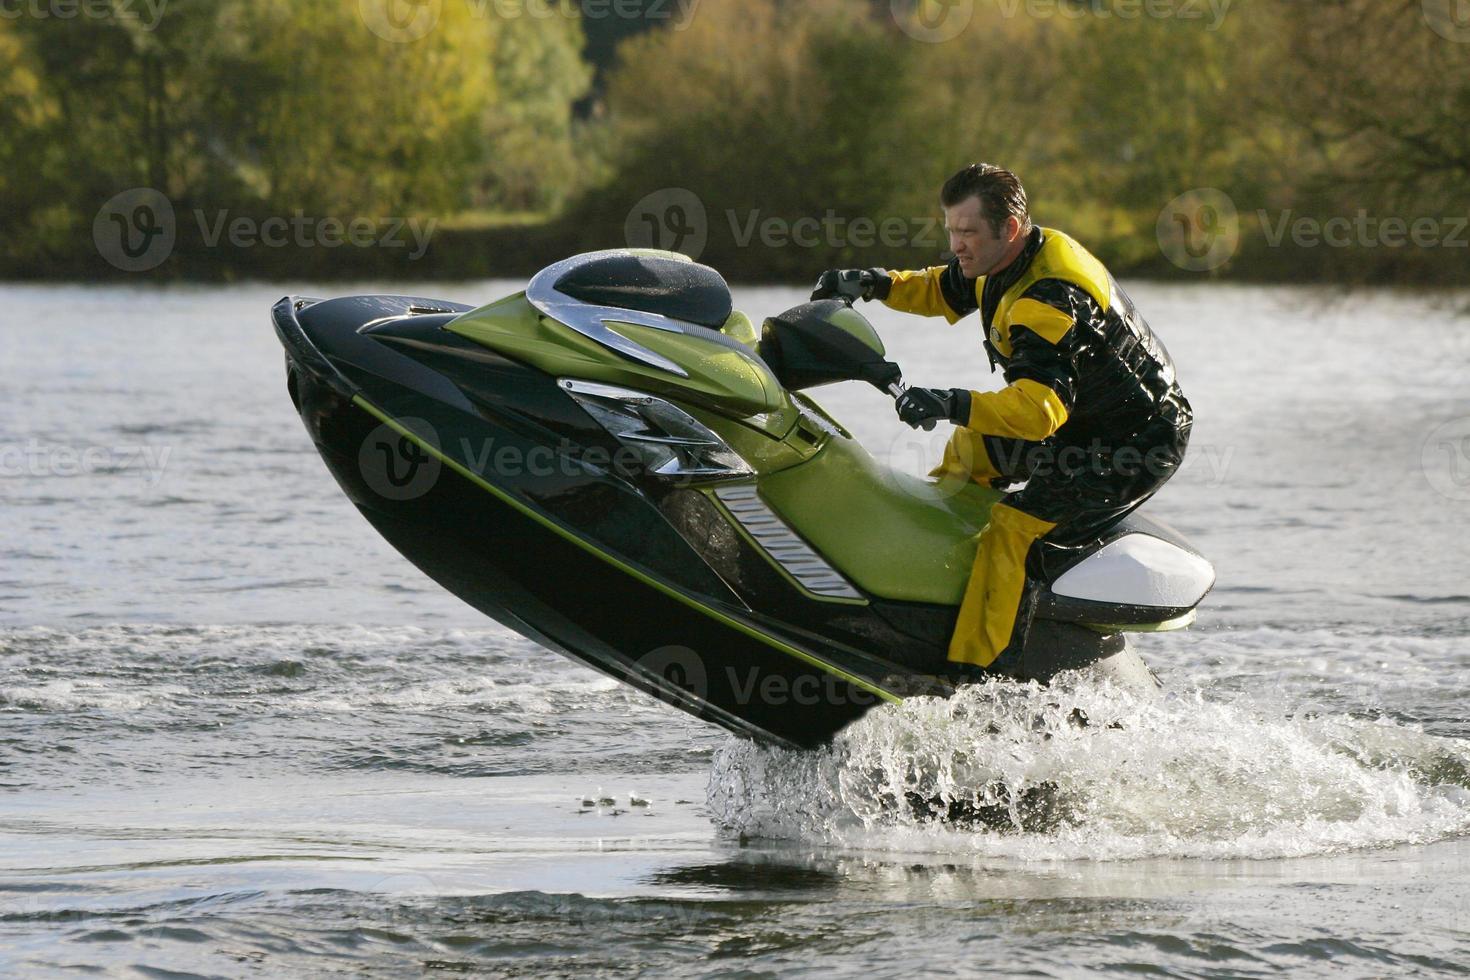 jet ski vélo humide sautant hors de l'eau photo